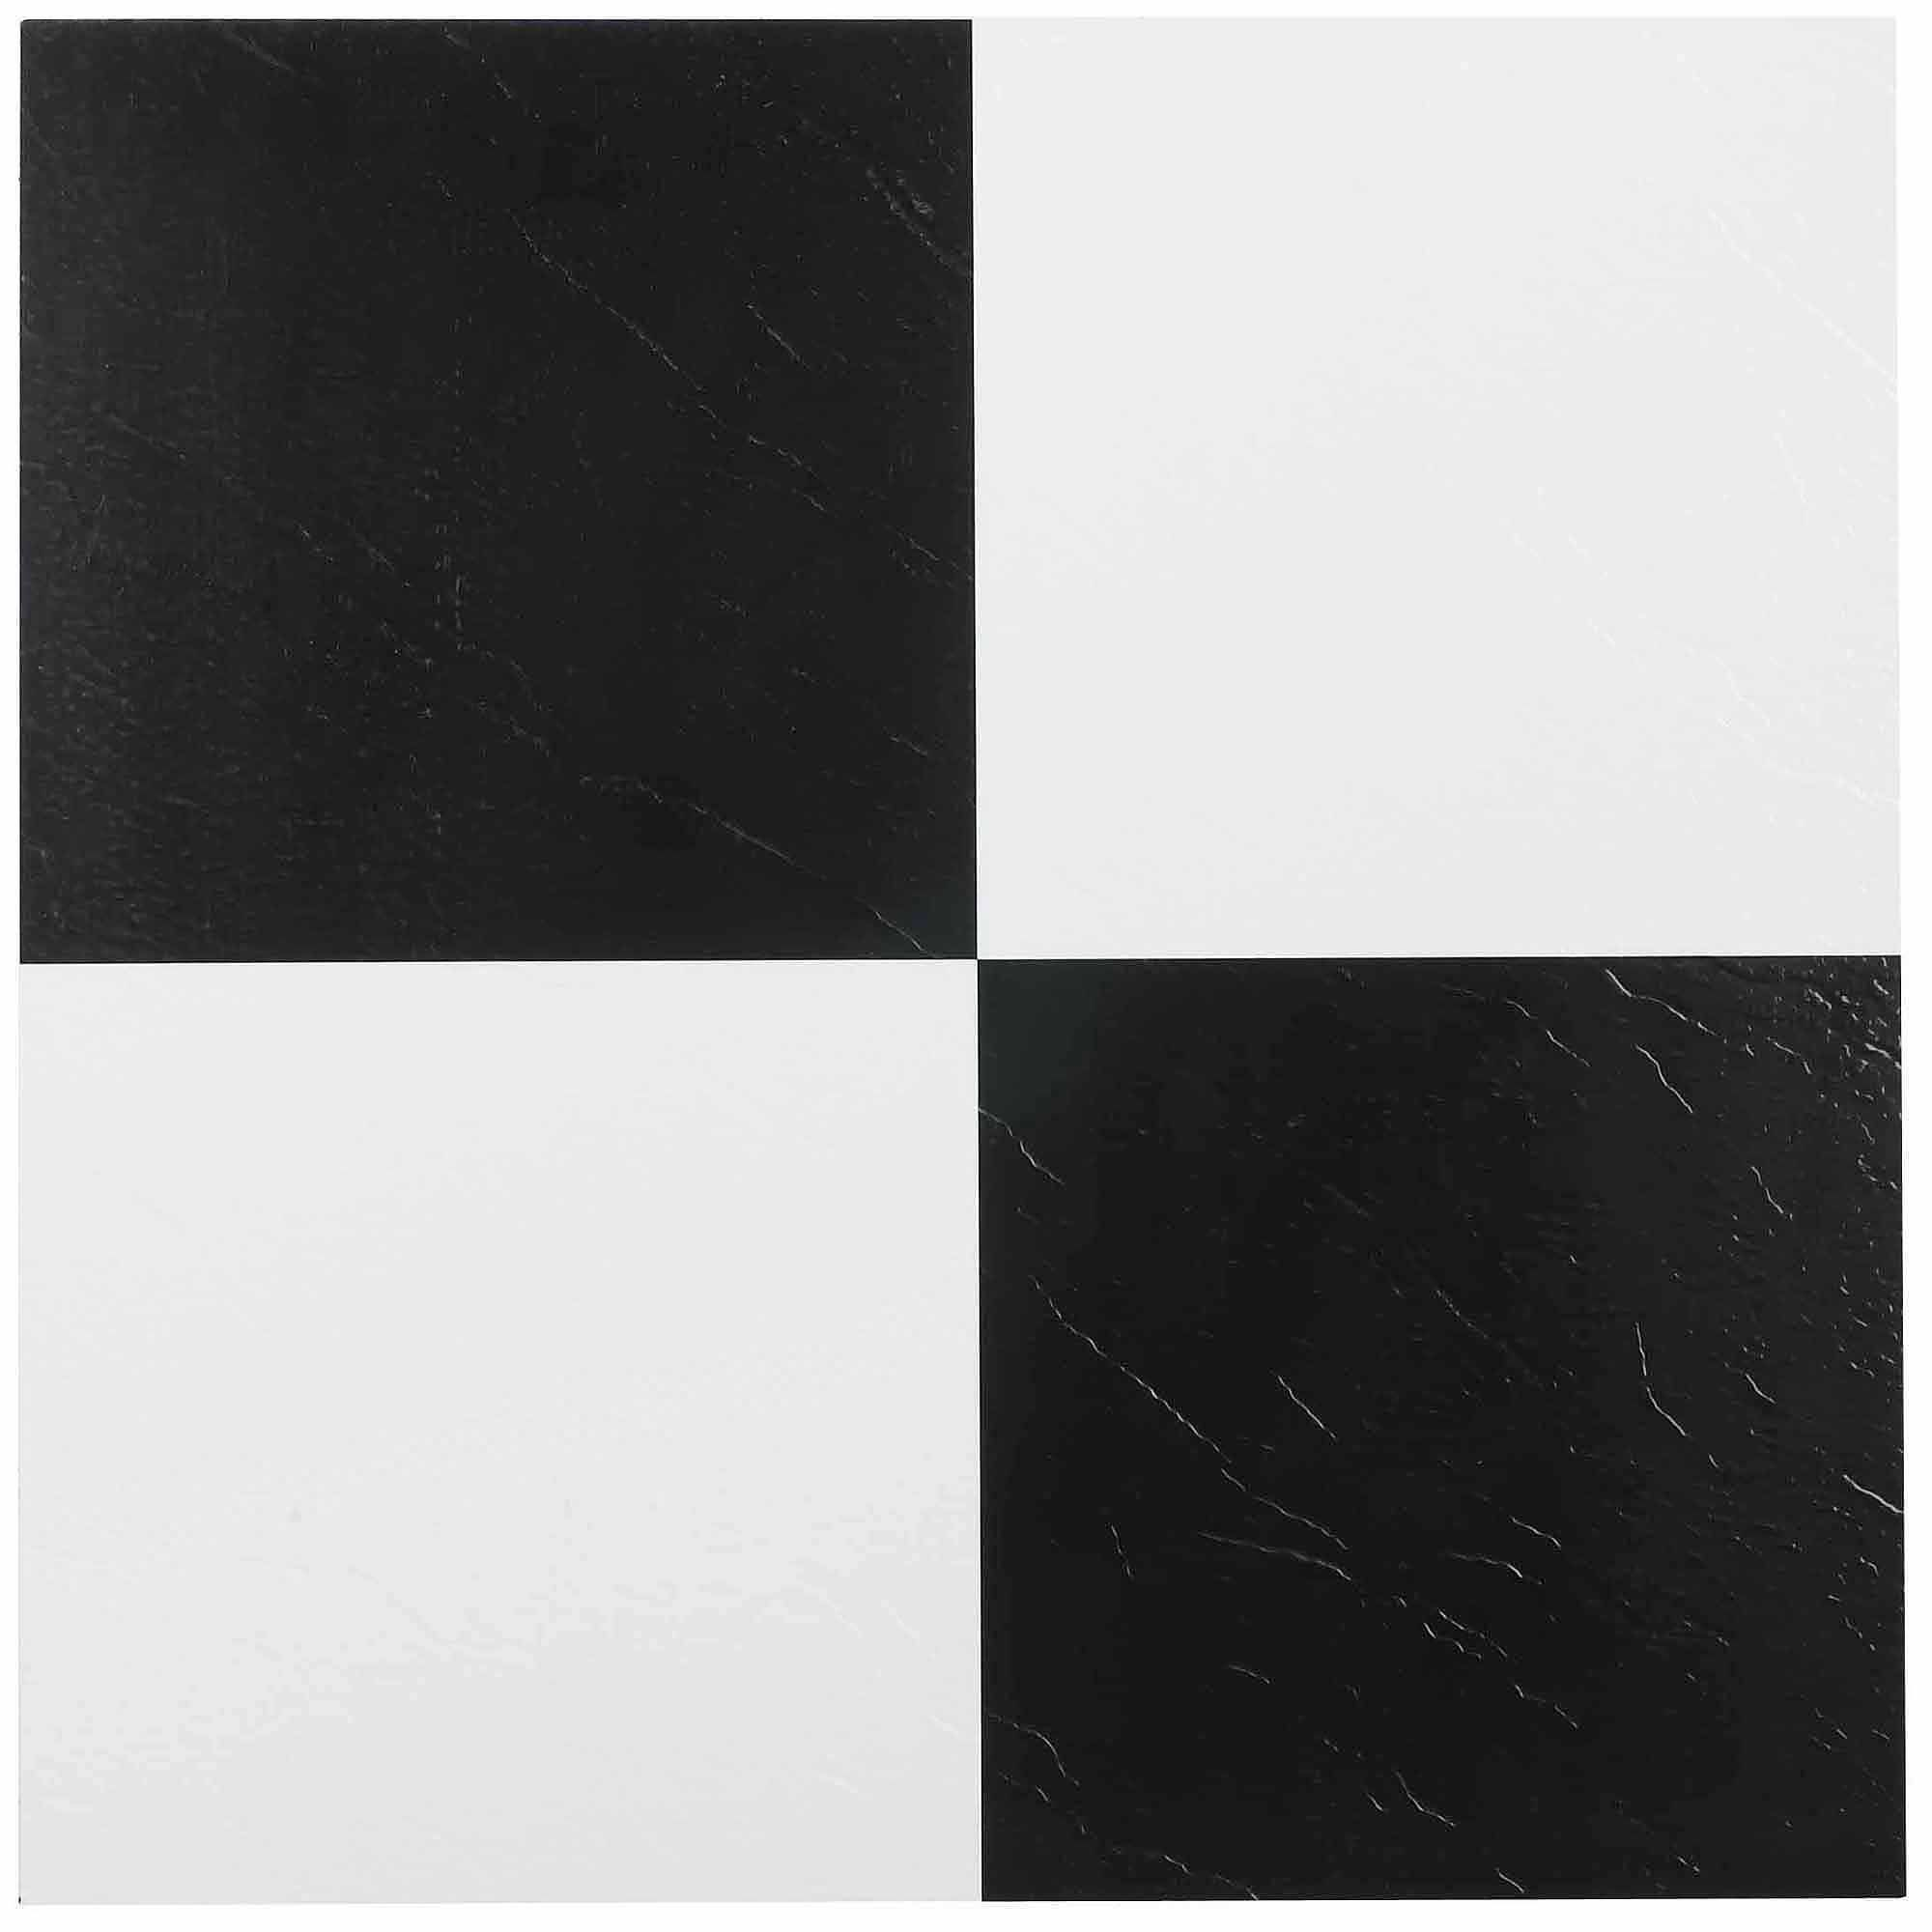 Black tile floor on vinyl floor tile peel and stick floor tile black and white vinyl floor tiles self stick black and white vinyl floor tiles self doublecrazyfo Gallery